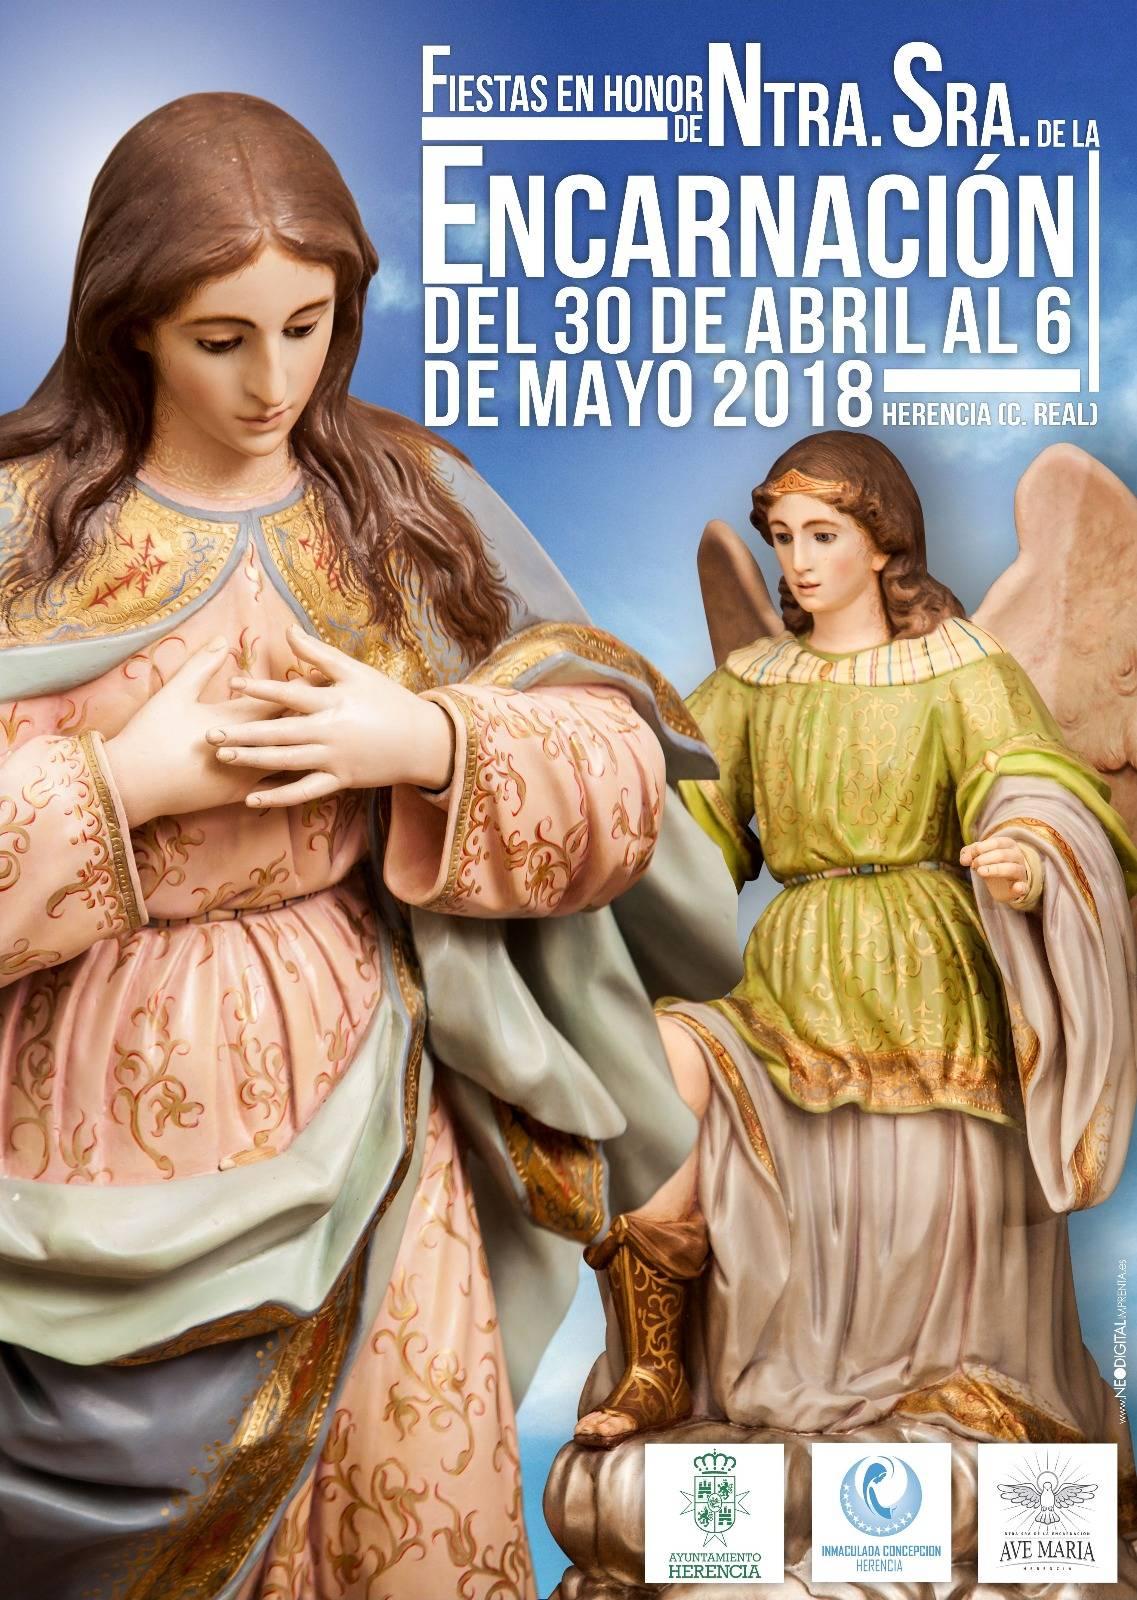 Fiestas en honor a Nuestra Señora de la Encarnación en Herencia 5